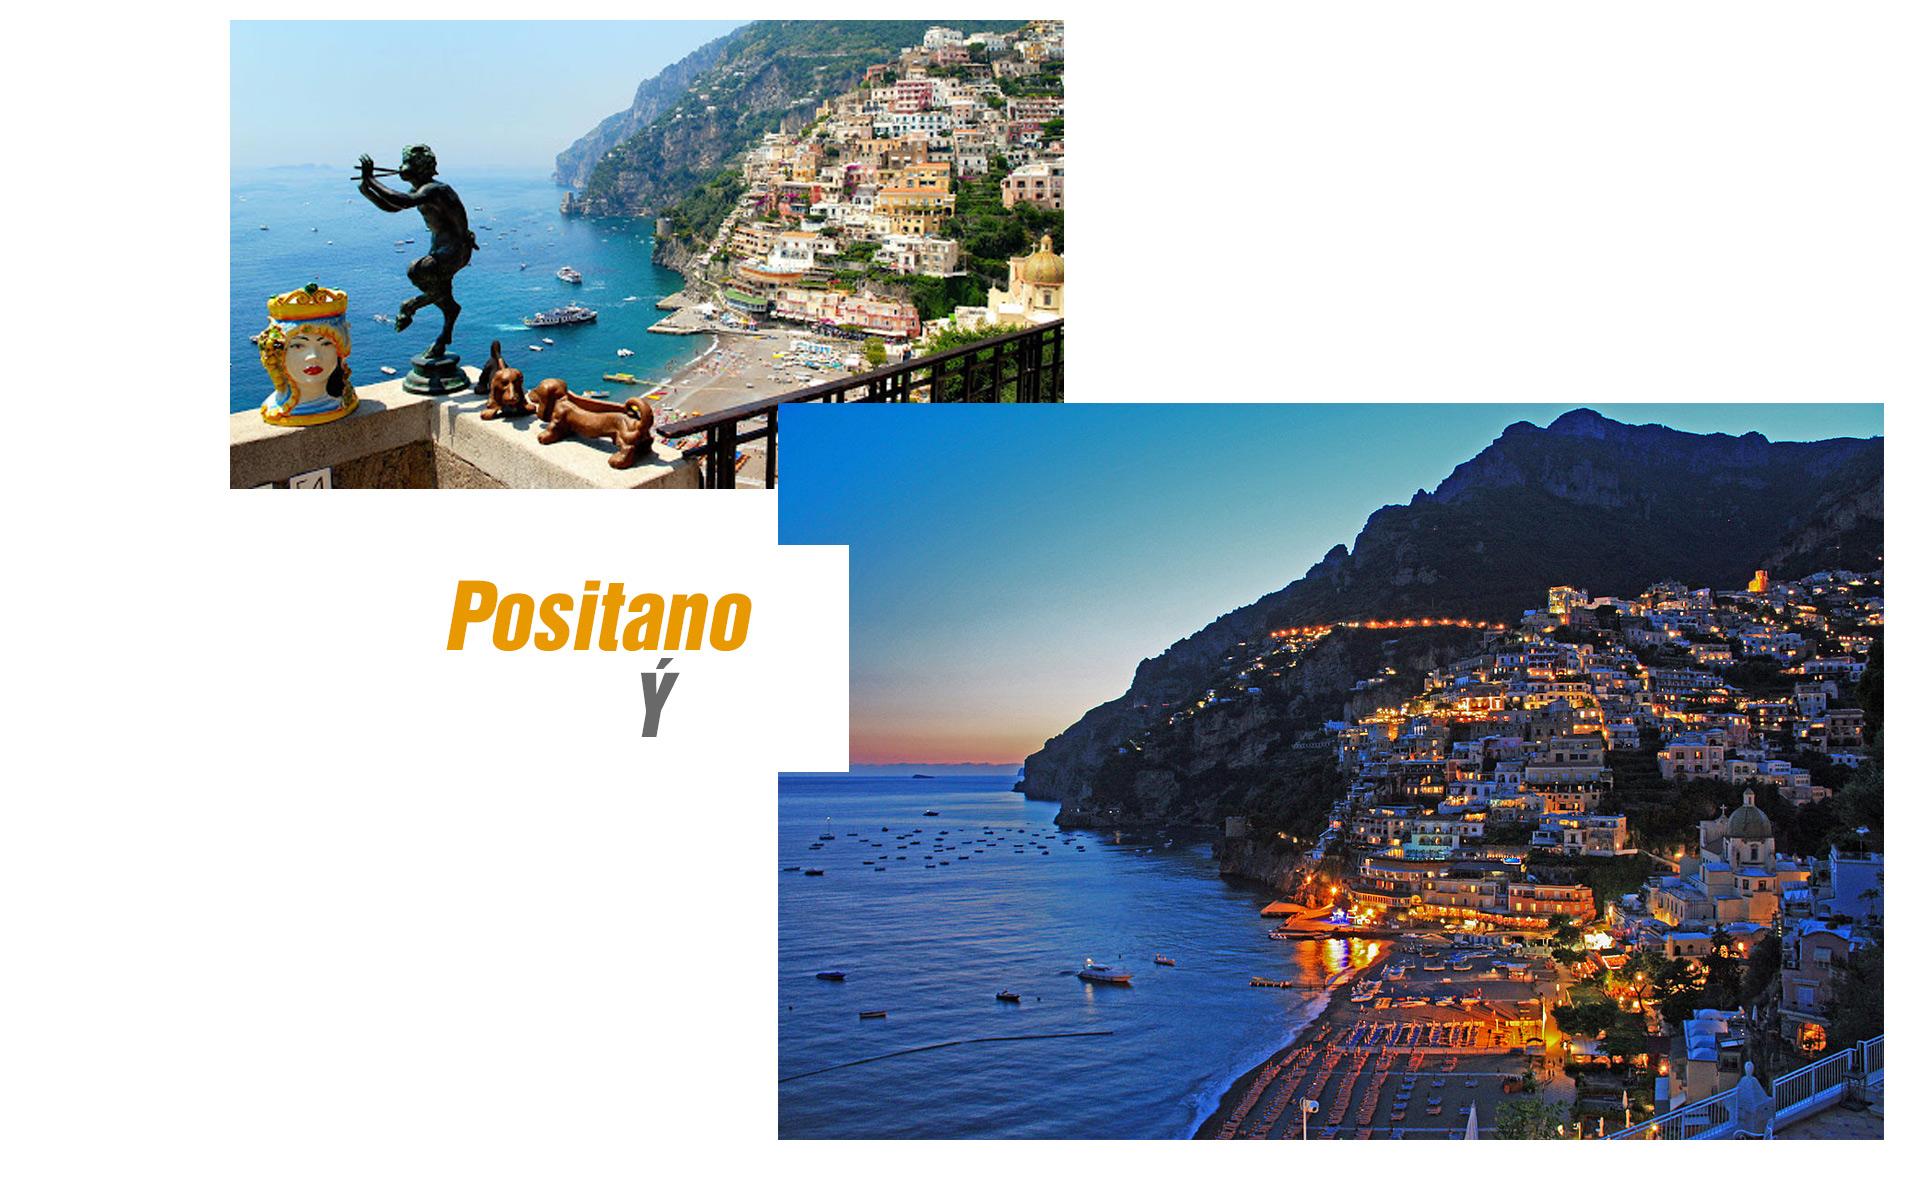 Những thiên đường đẹp nhất châu Âu thu hút hàng triệu du khách mỗi năm - 11